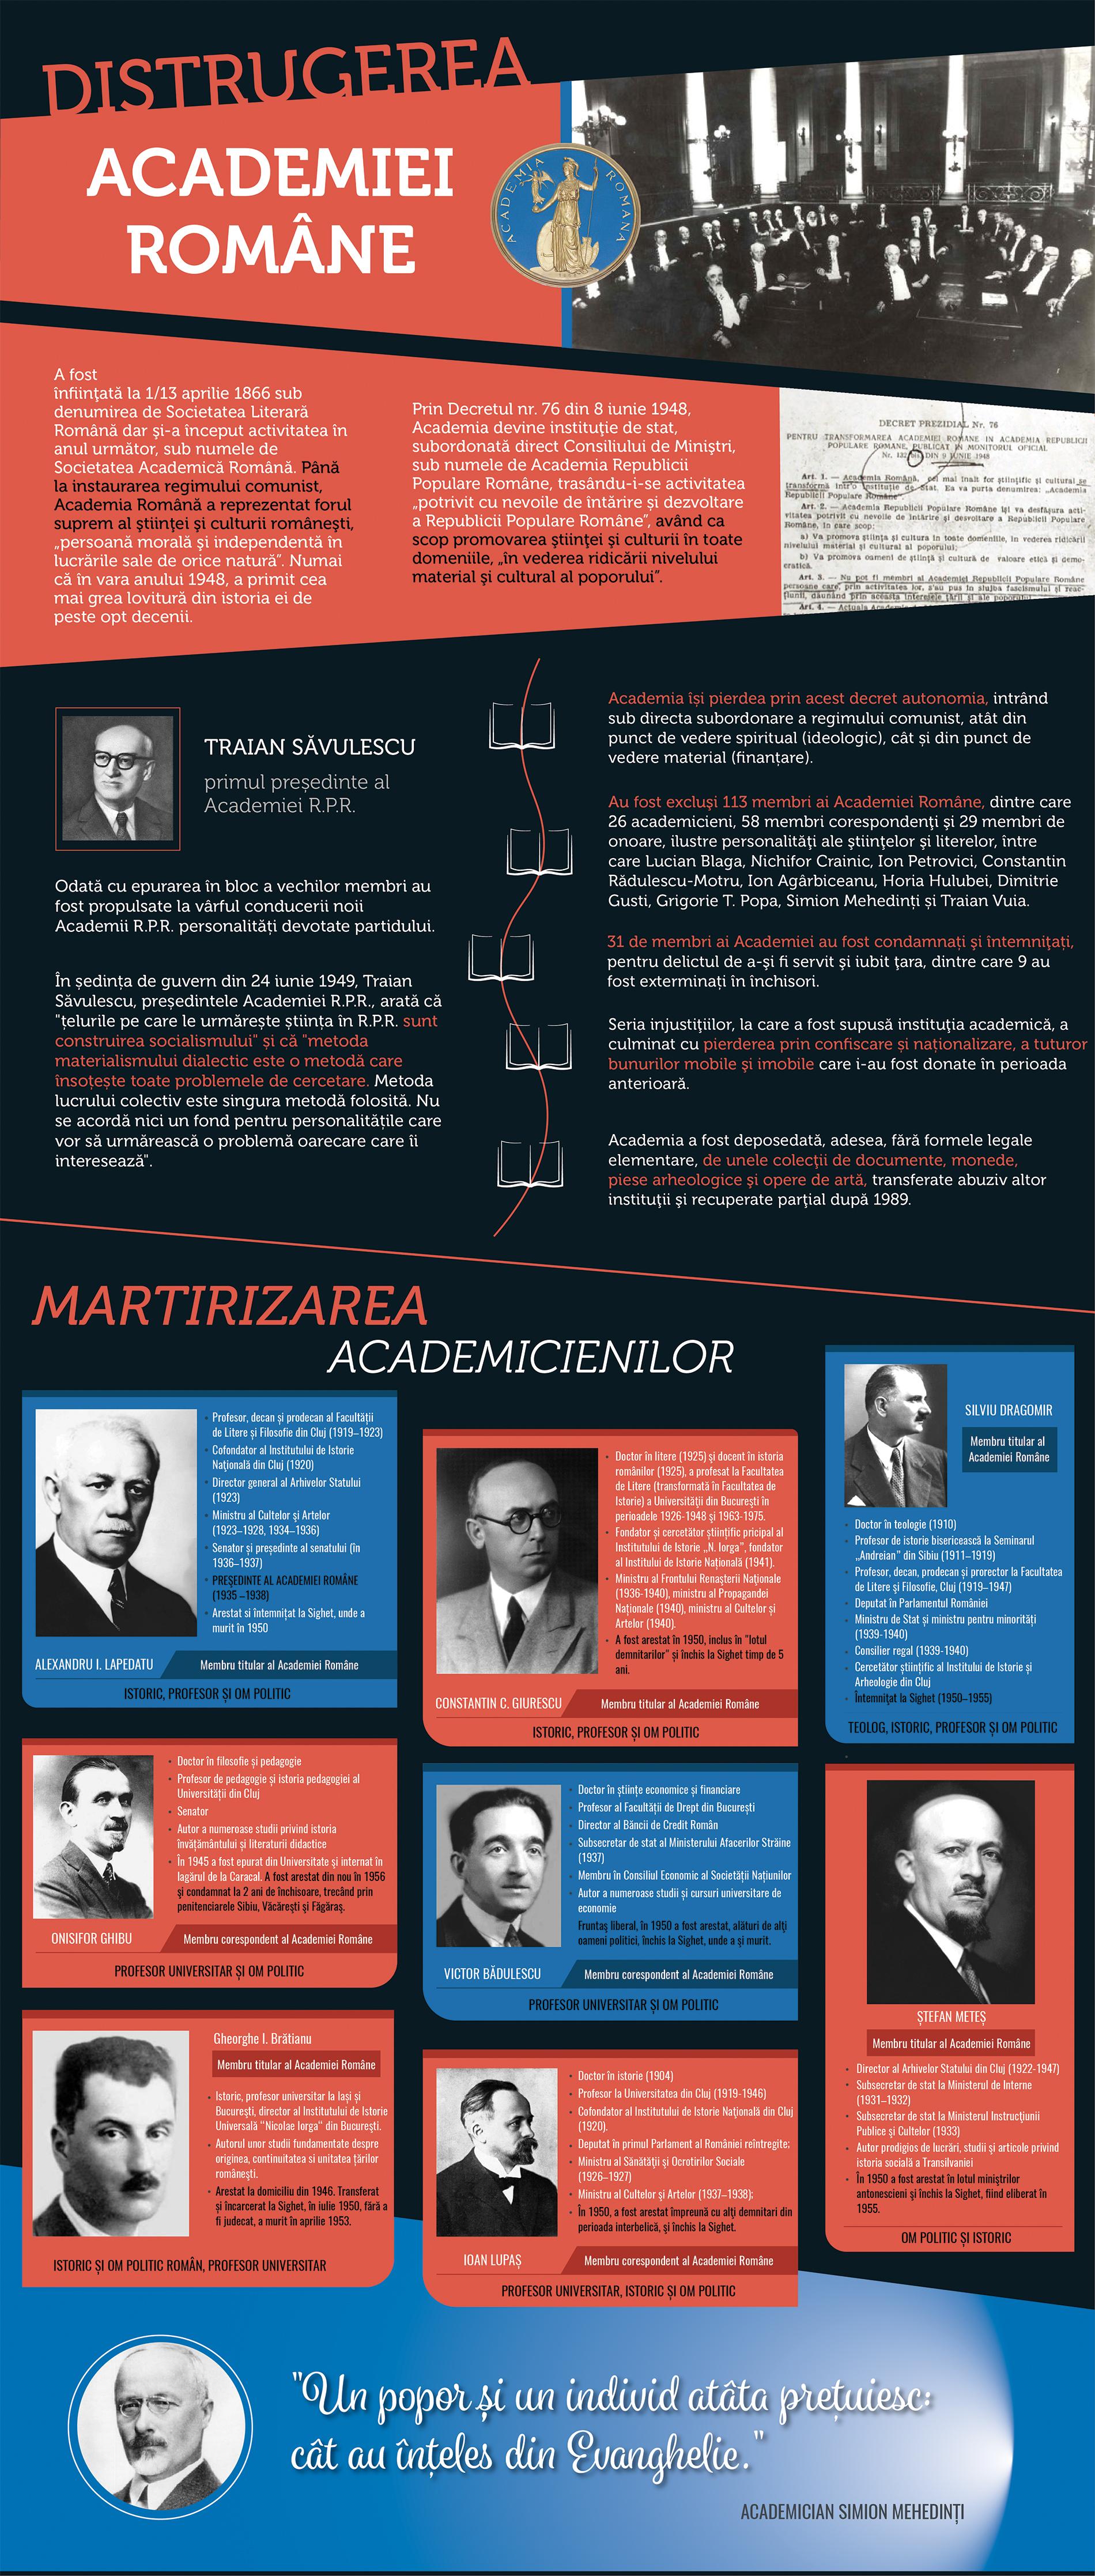 Distrugerea Academiei Române - Bannerul 13 - Caravana Eroilor